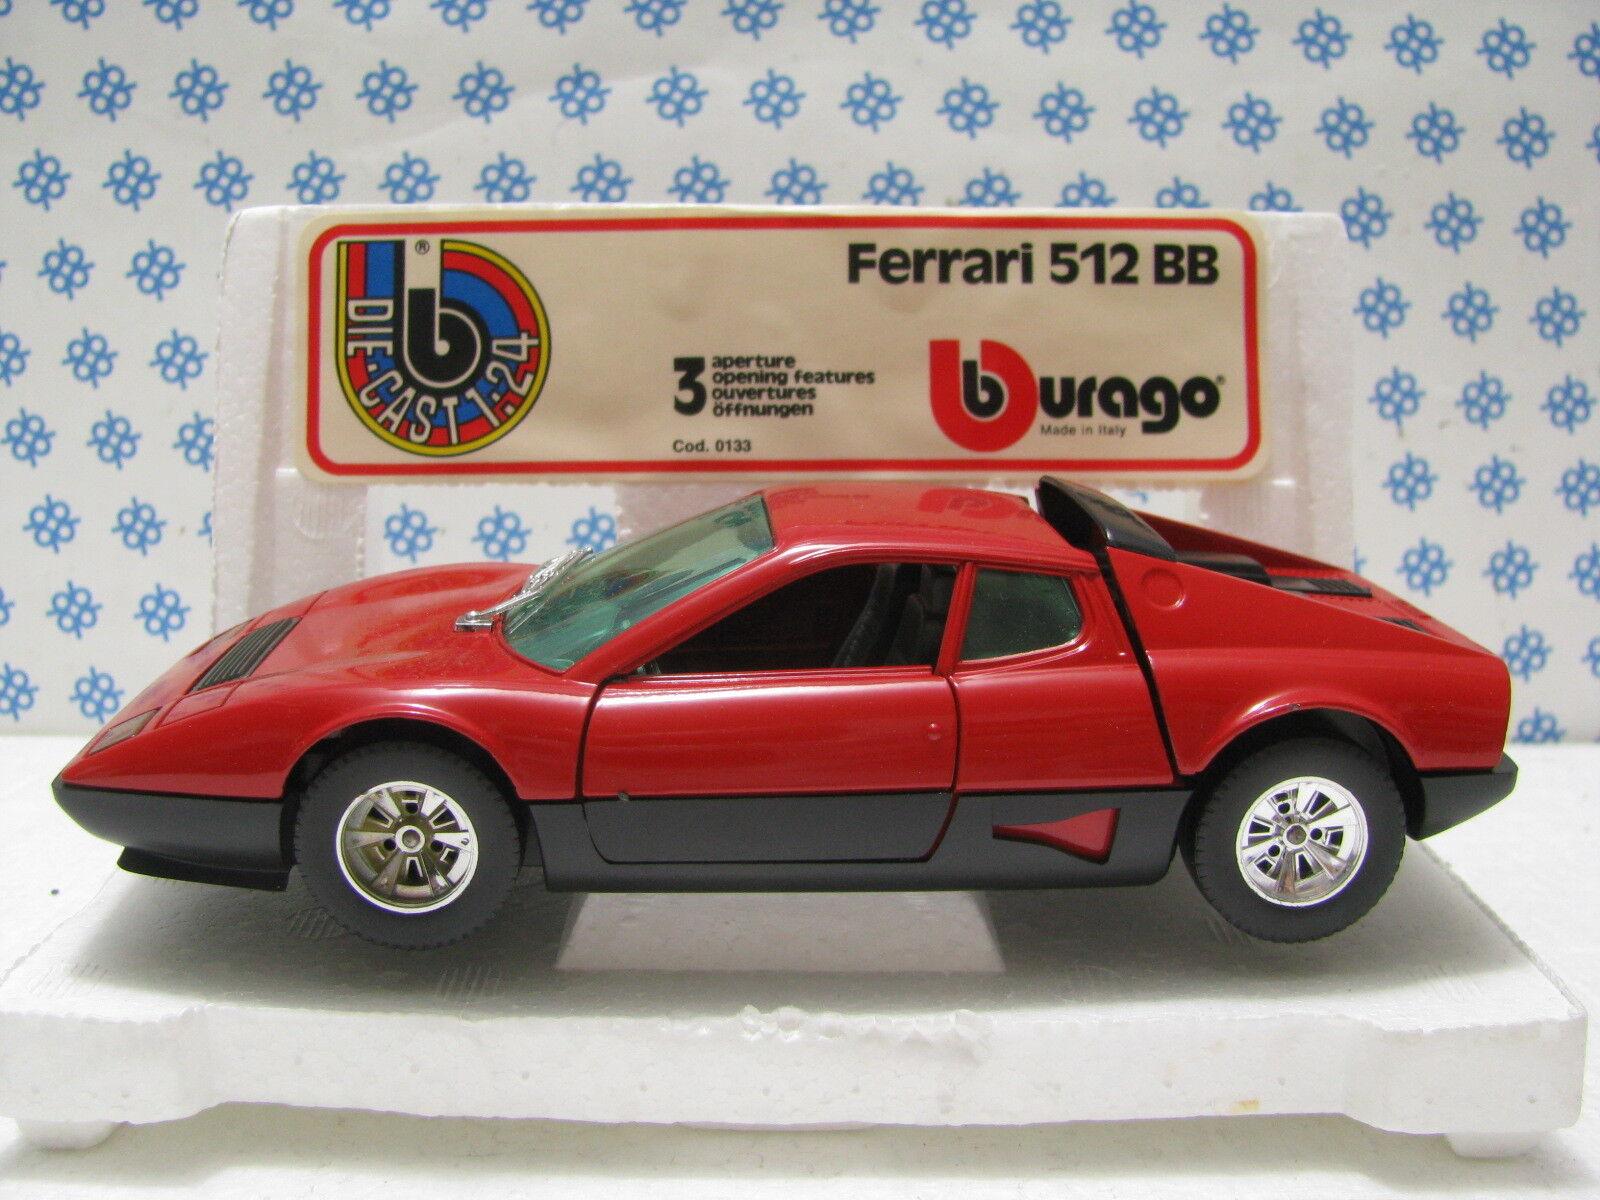 Ferrari 512 BB - 1 24 Bburago Hat 0133